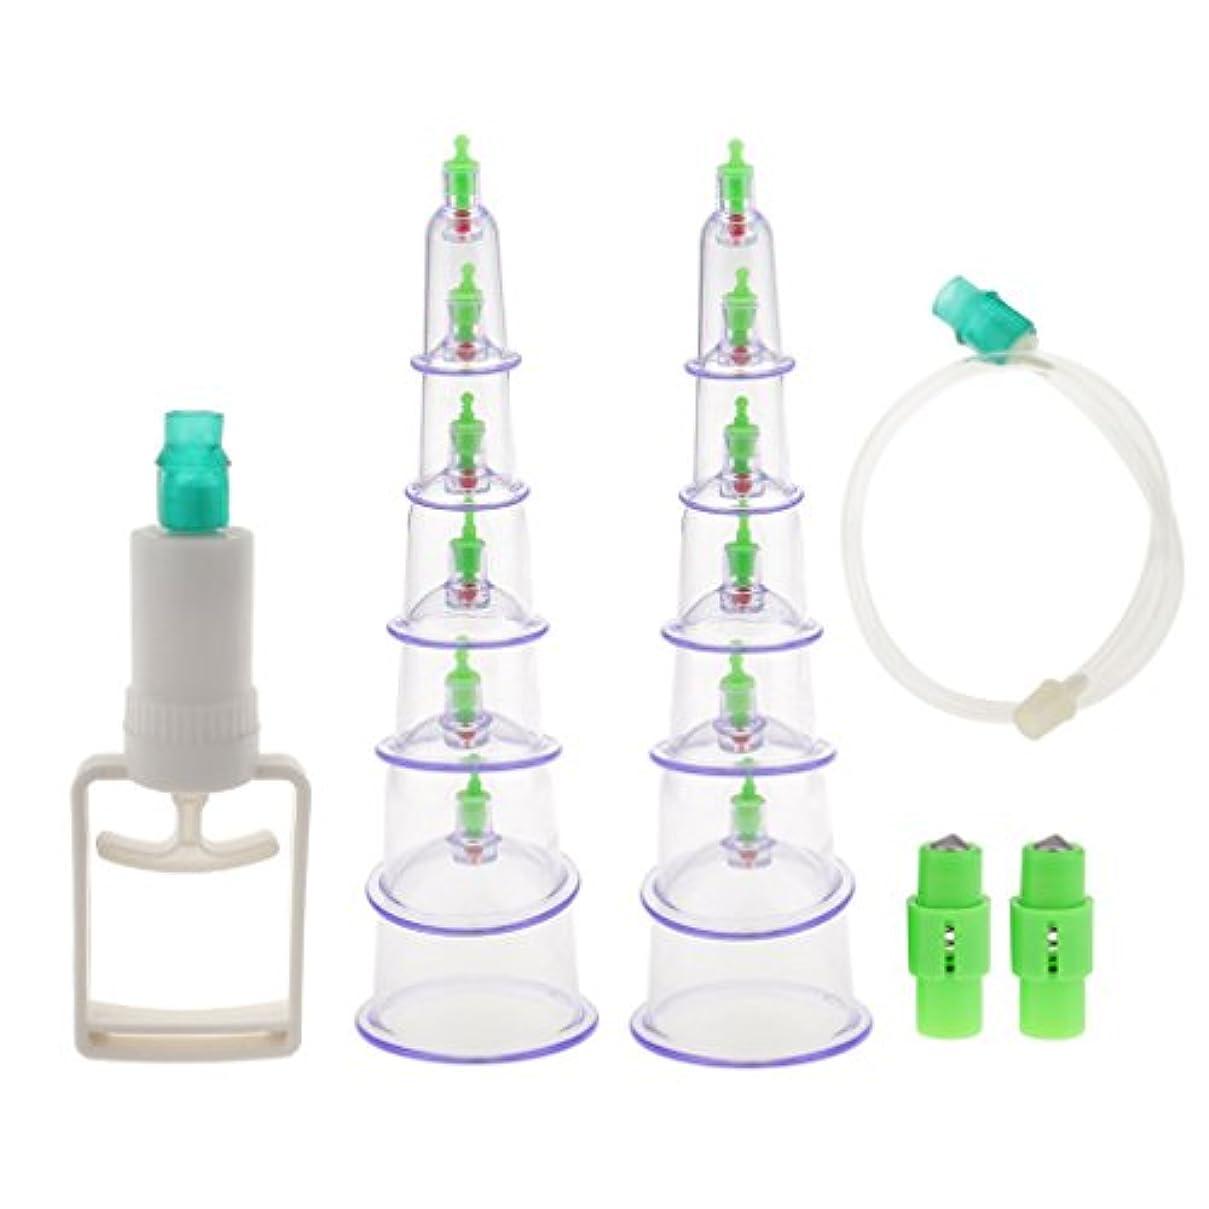 有限確かな一族Kesoto カッピング(12個) 吸い玉 真空  セラピーセット 中国式療法 マッサージ機能